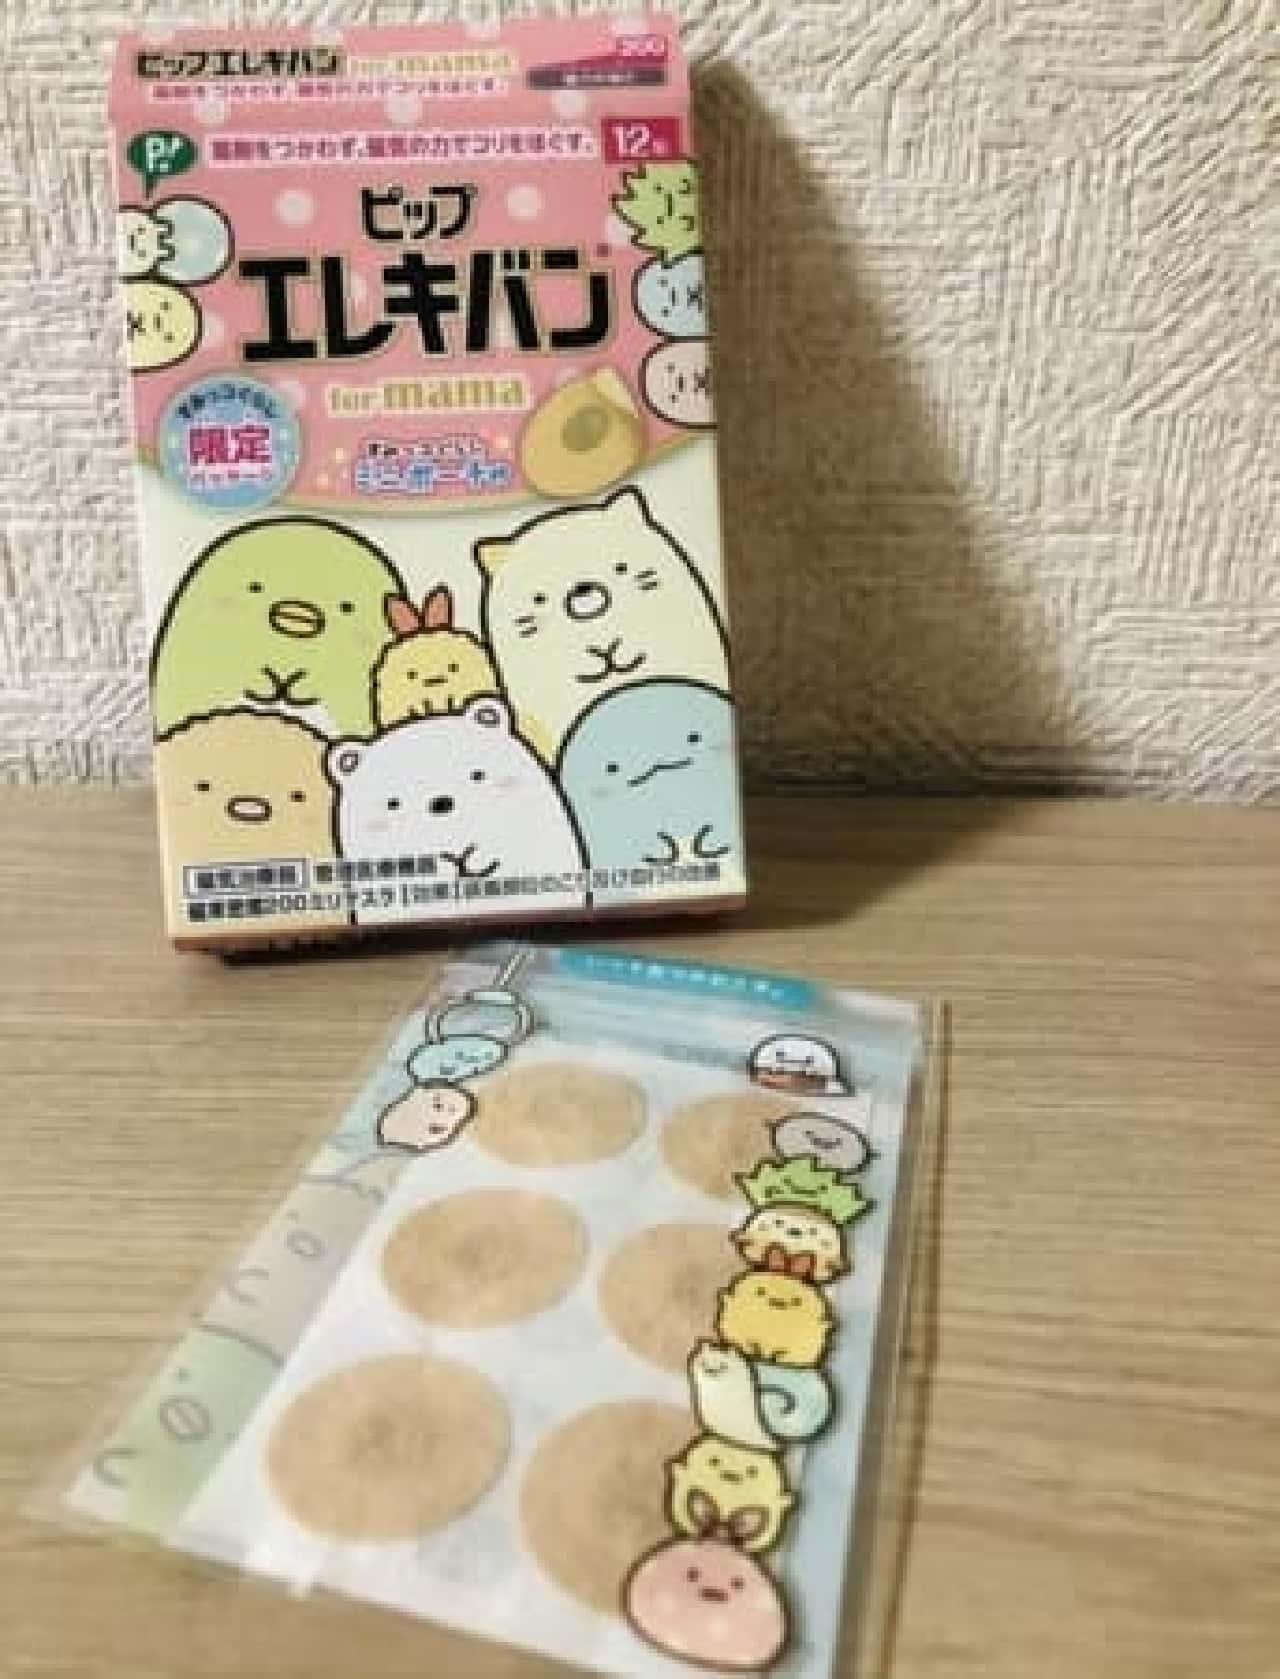 ピップエレキバン for mama すみっコぐらし限定パッケージの専用ポーチ